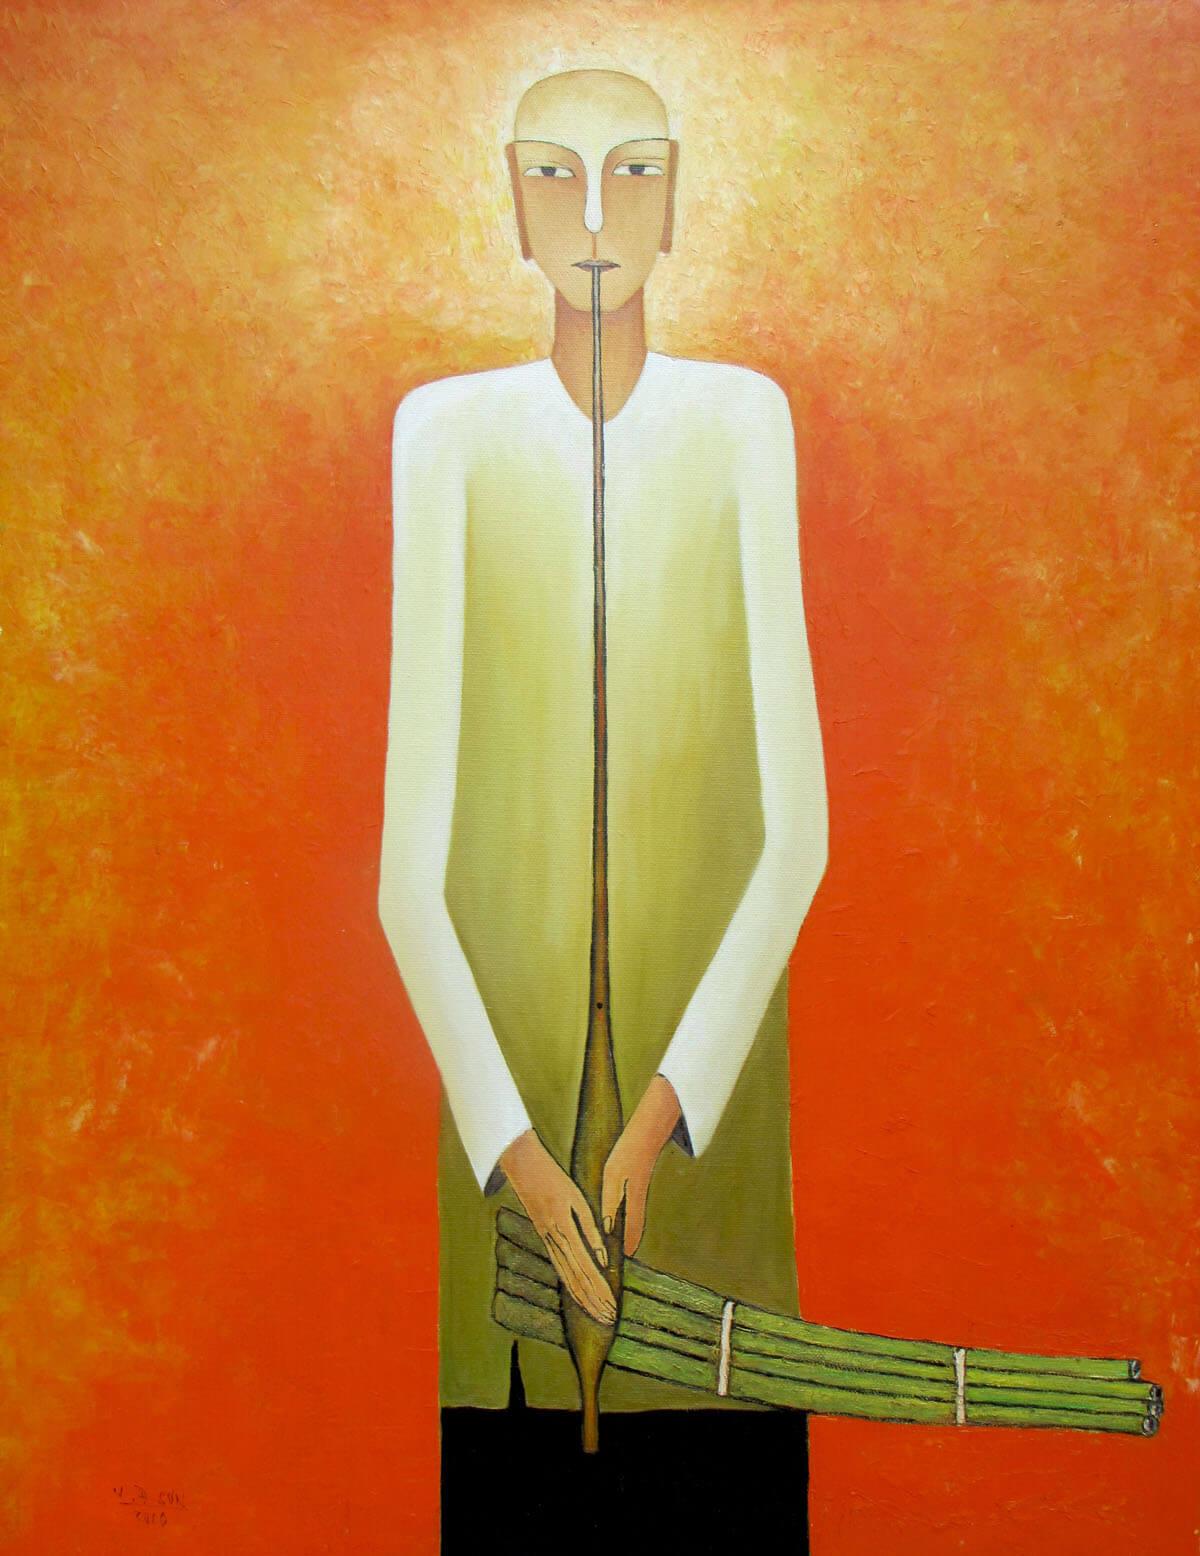 The Musician-Original Asian Art